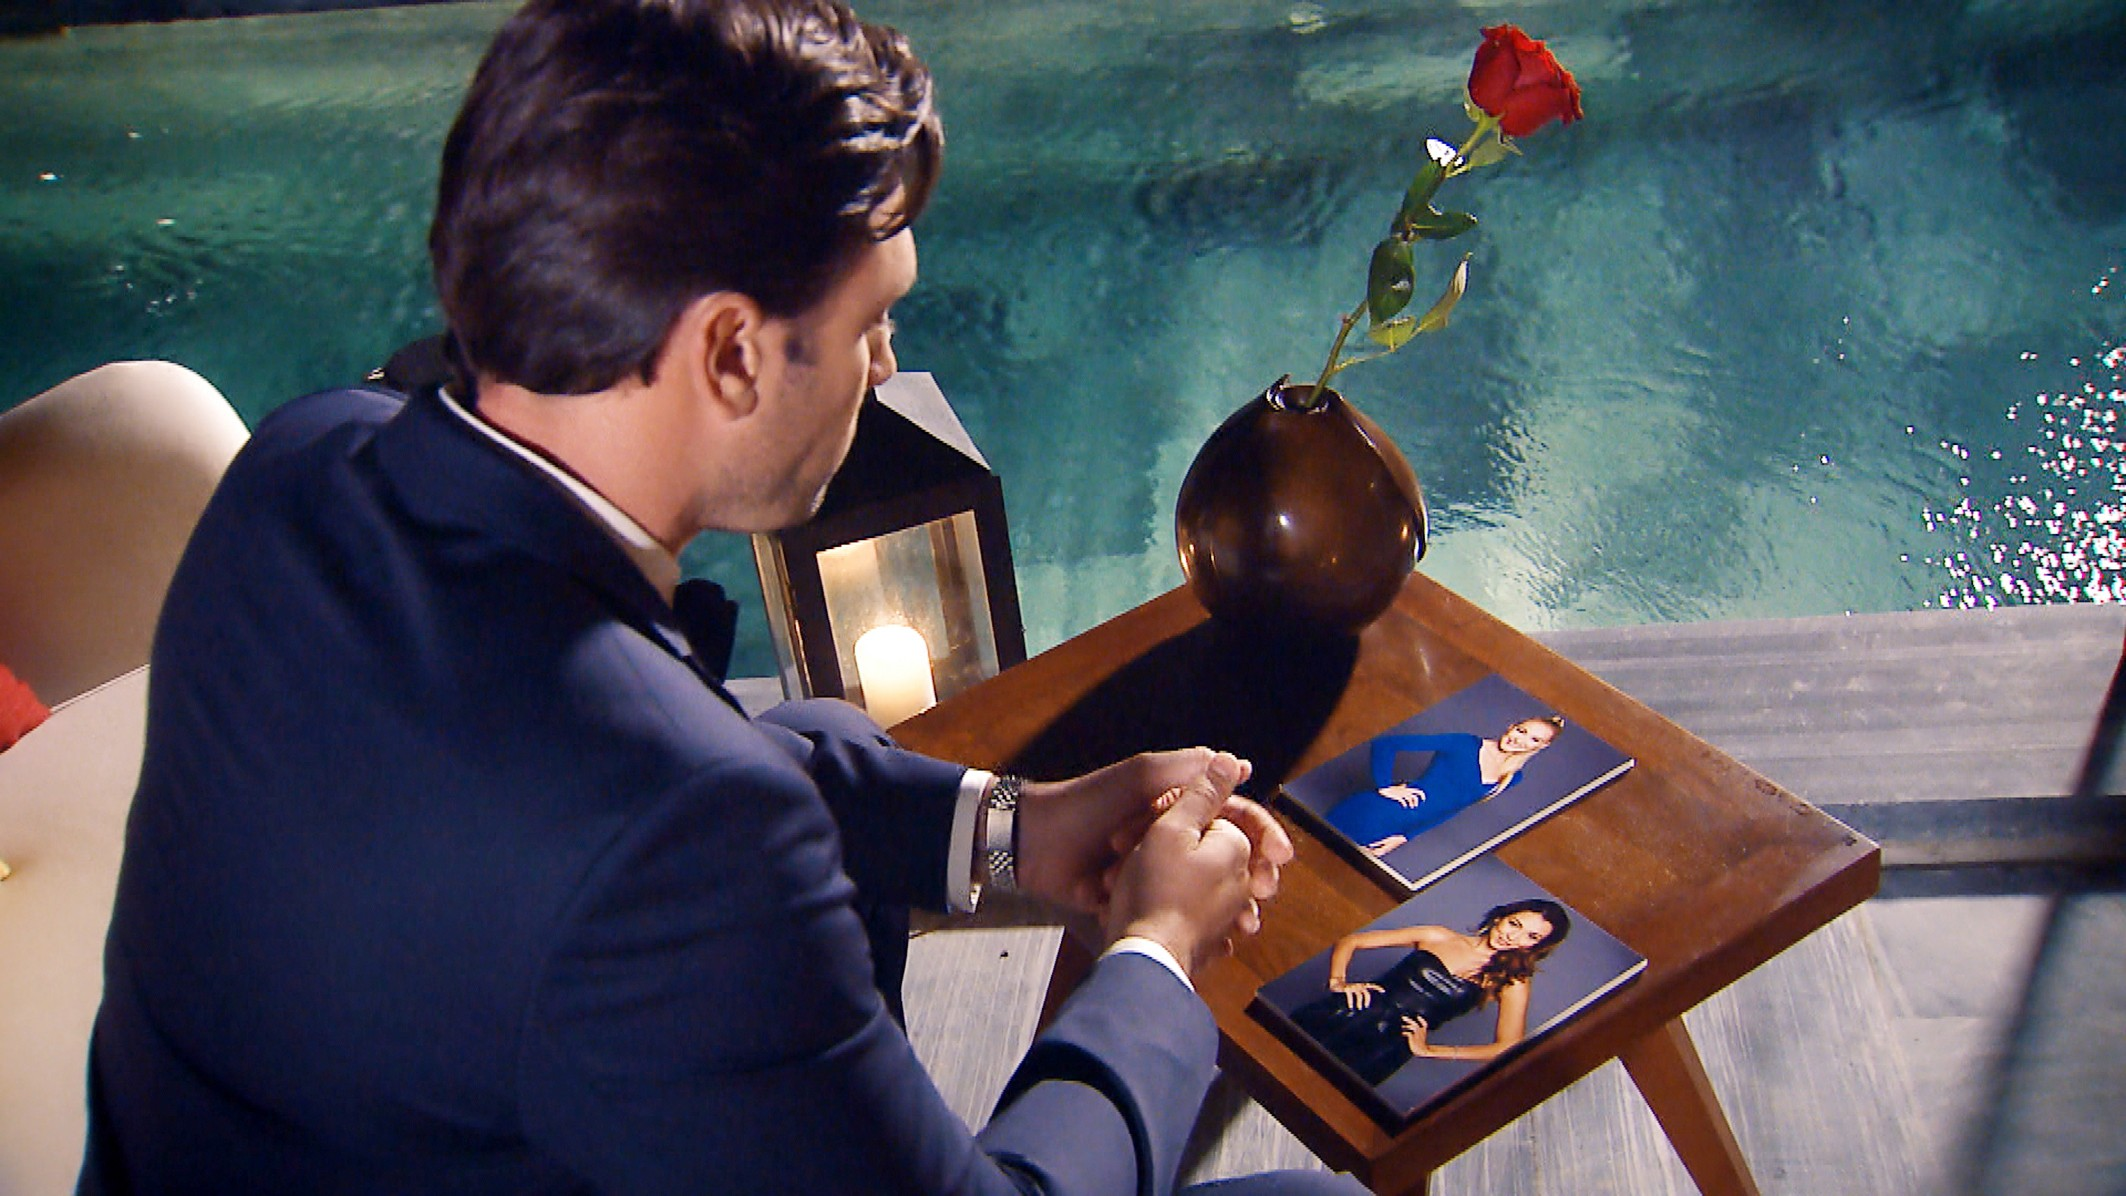 Der Bachelor 2018 Finale - Wer wird von Daniel die letzte Rose bekommen?